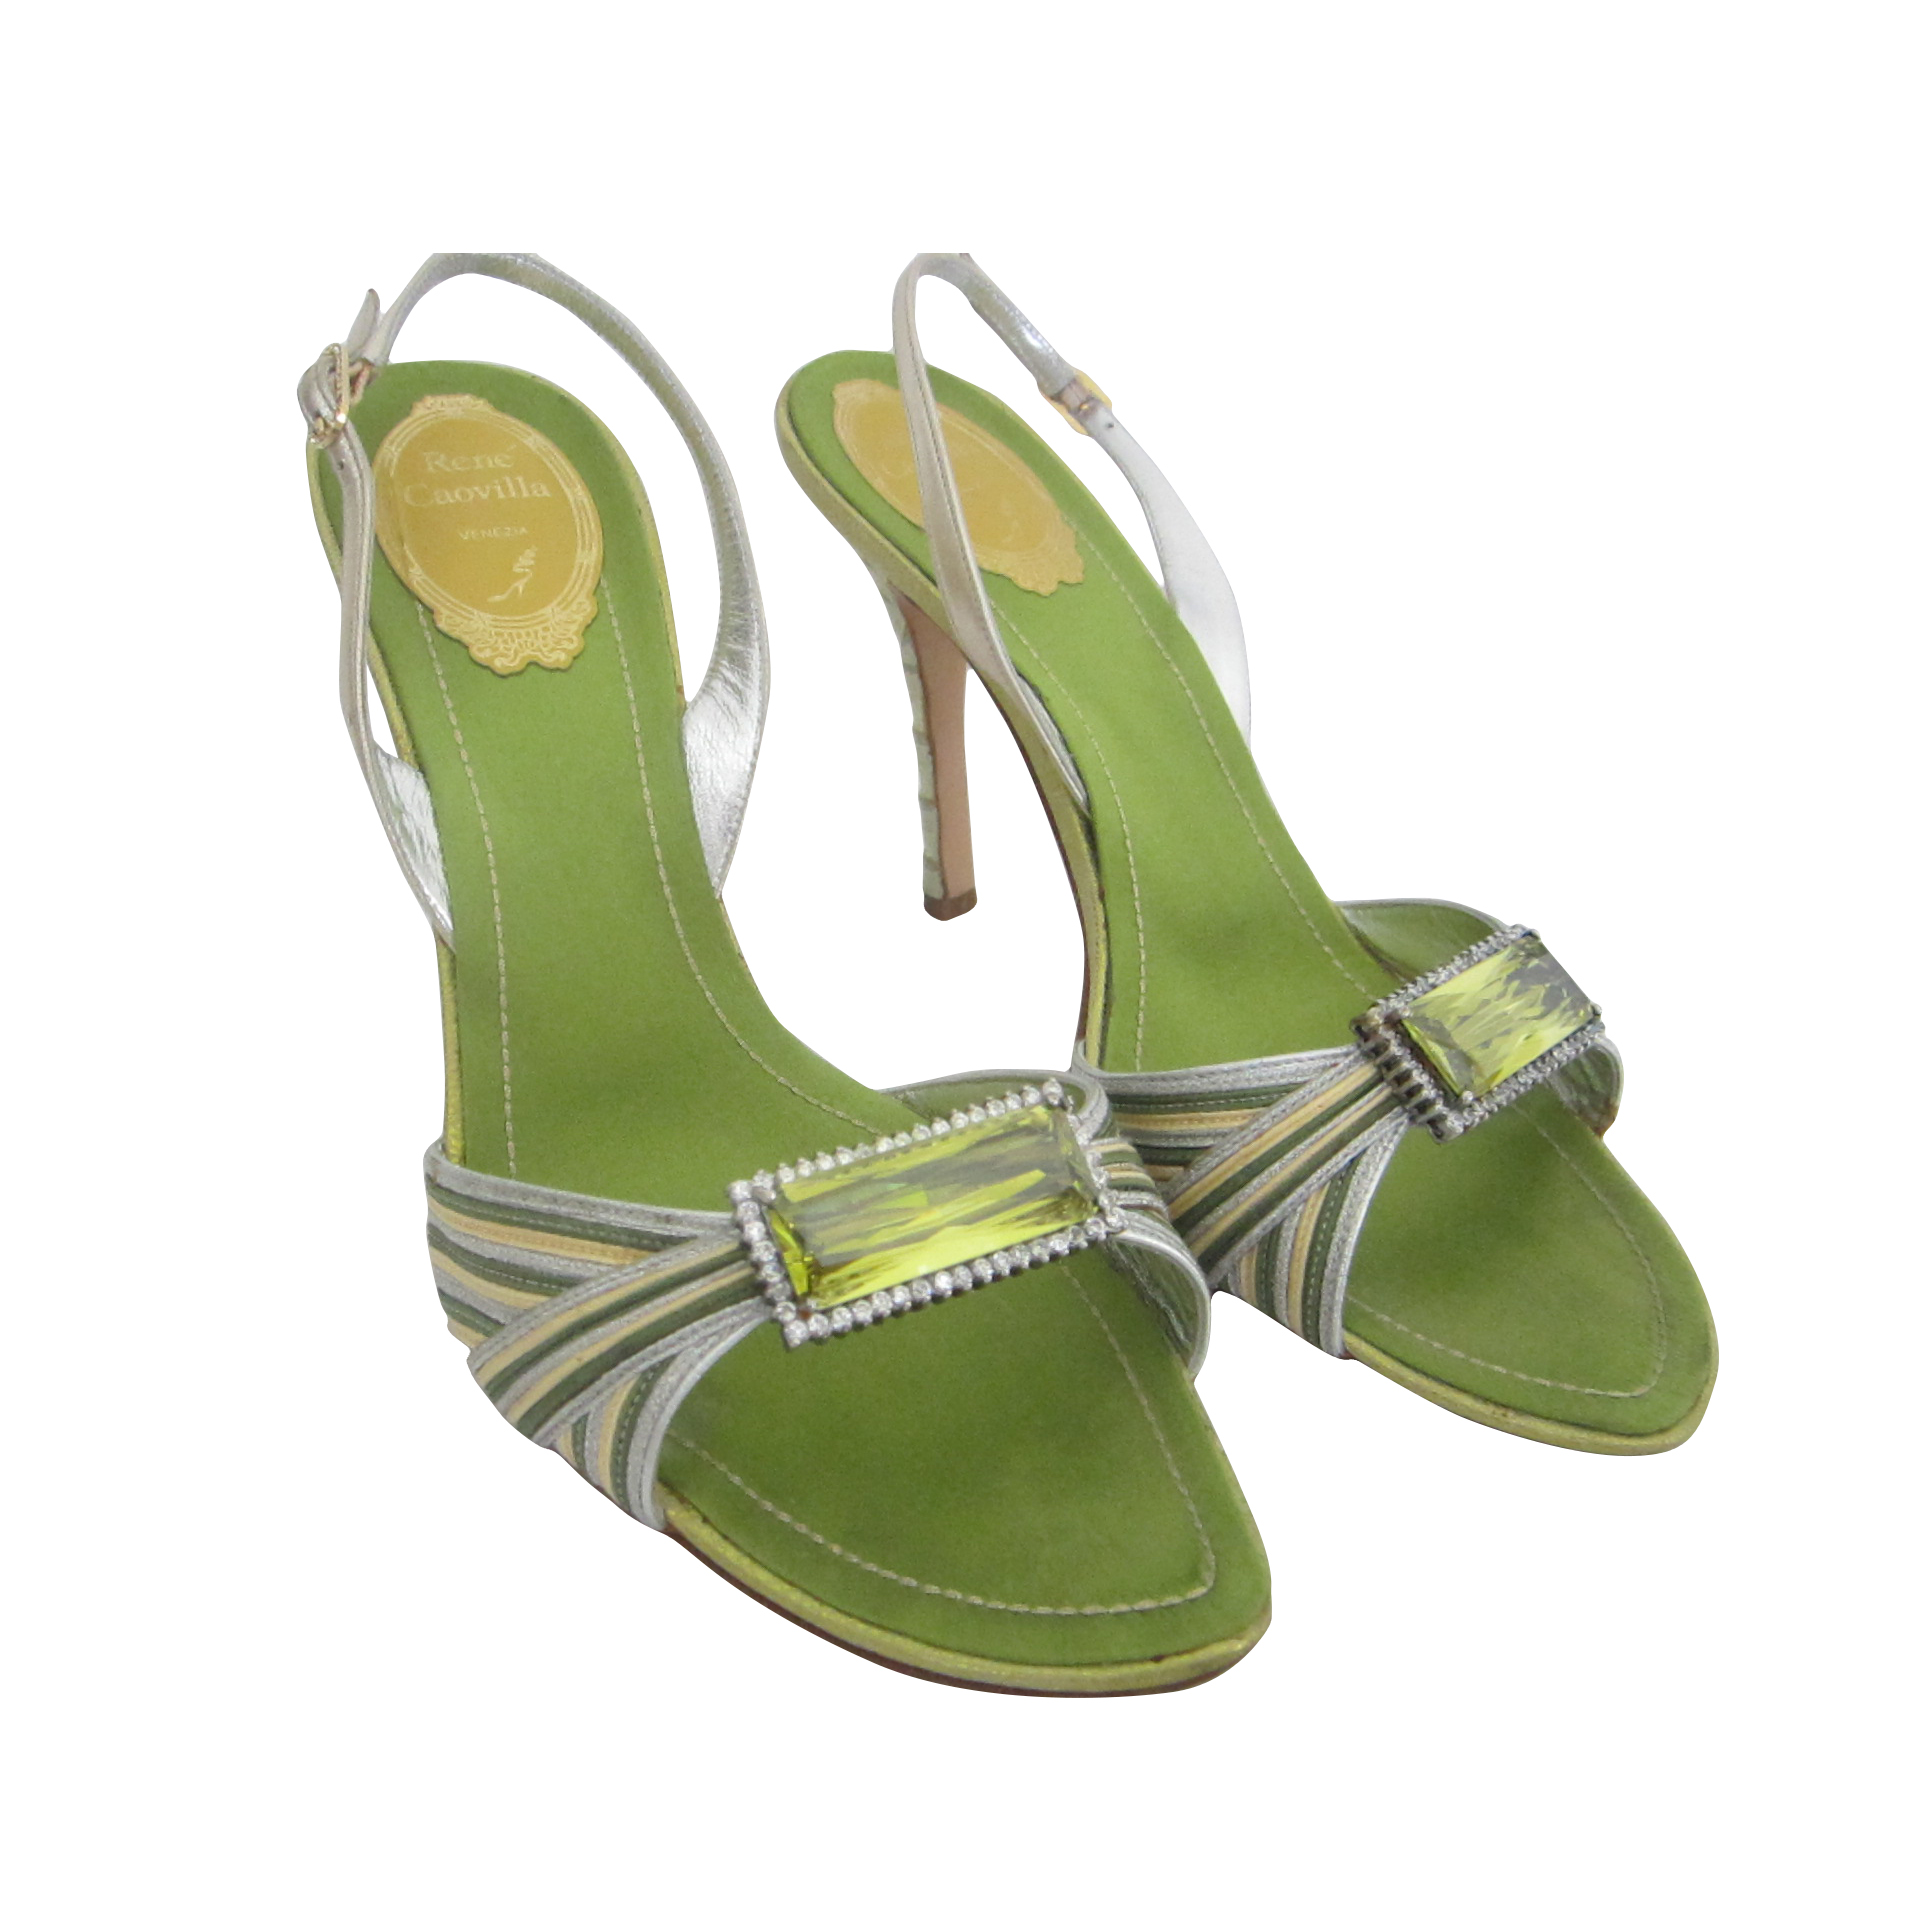 RENE CAOVILLA sandals size 39